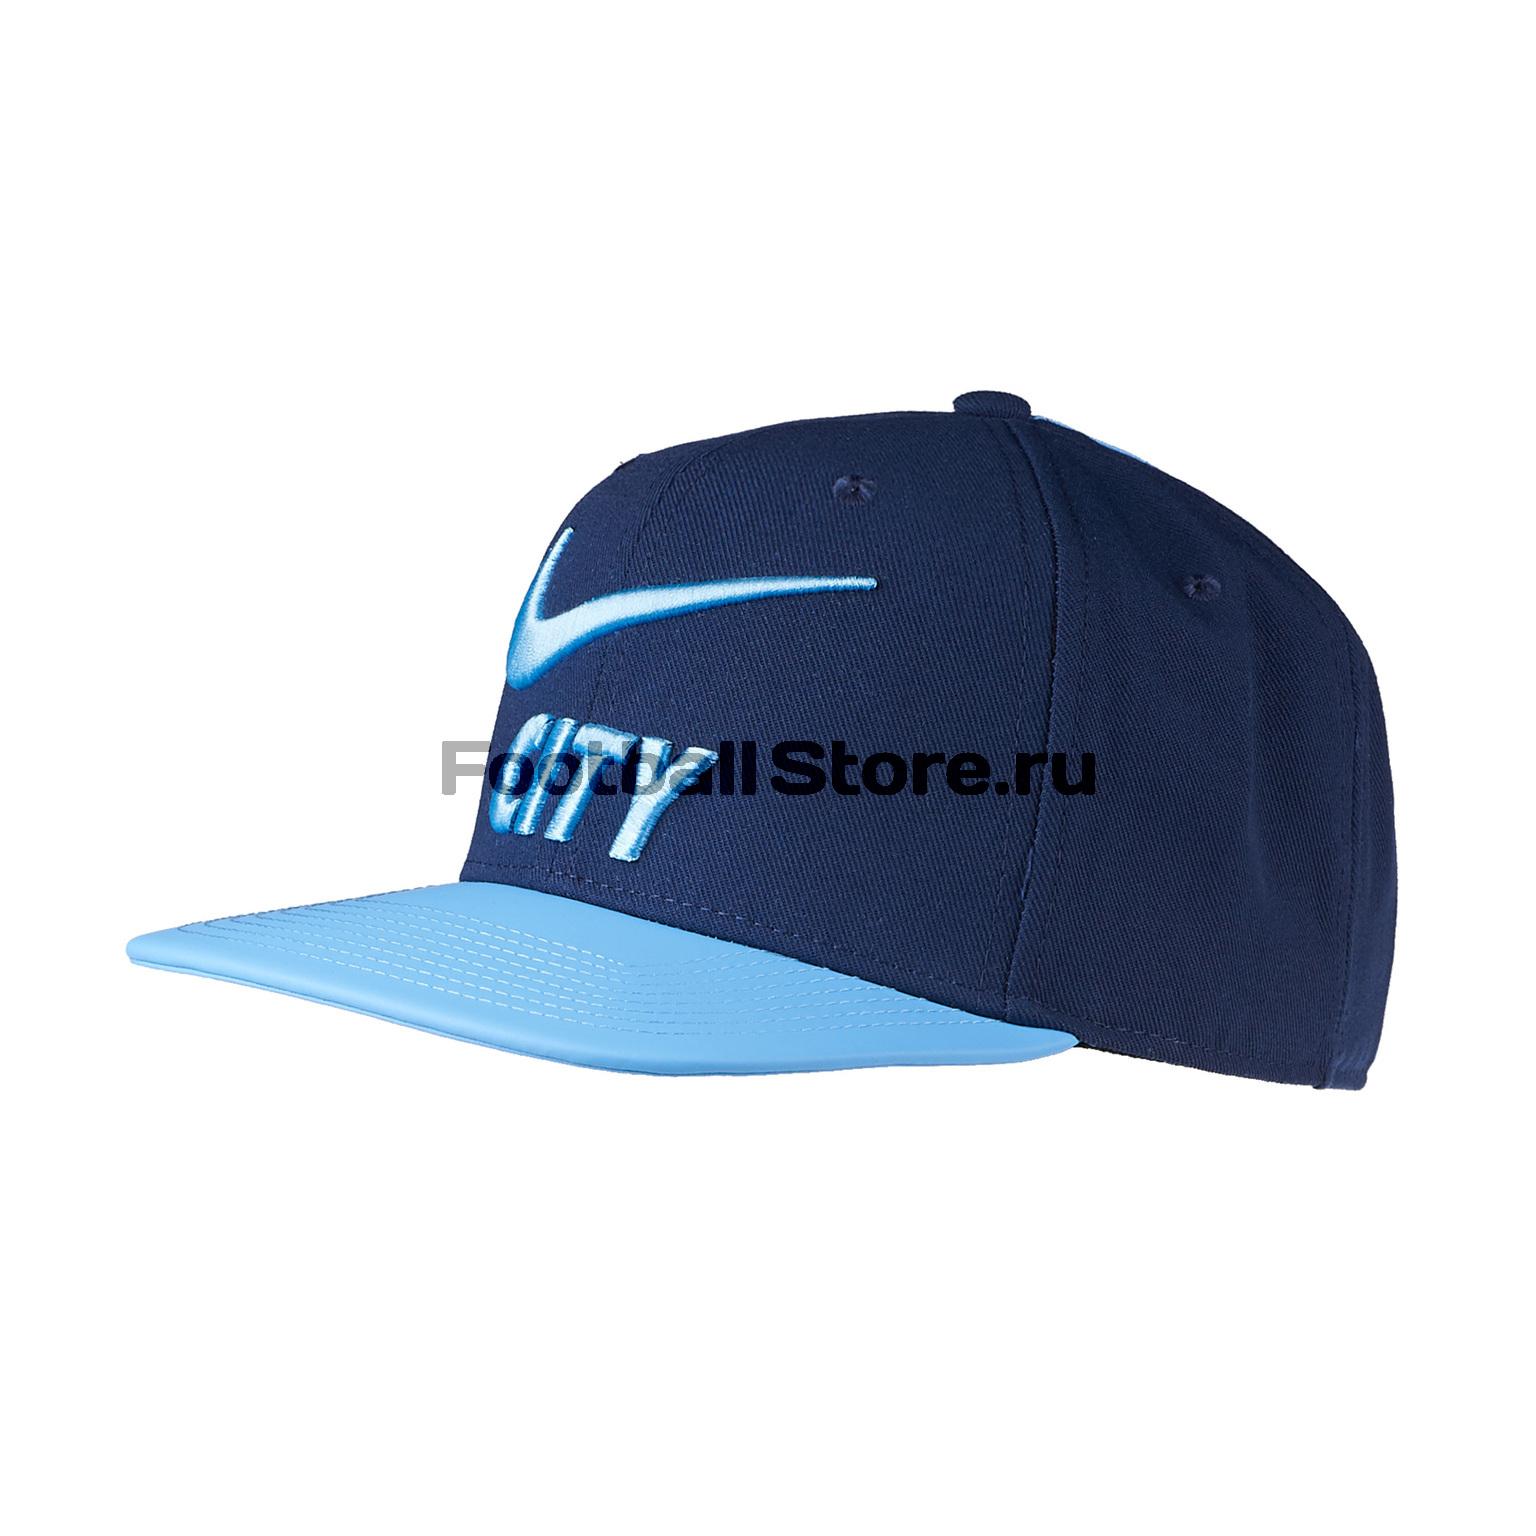 Бейсболка Nike Manchester City Pro Cap Pride 916578-410 цена